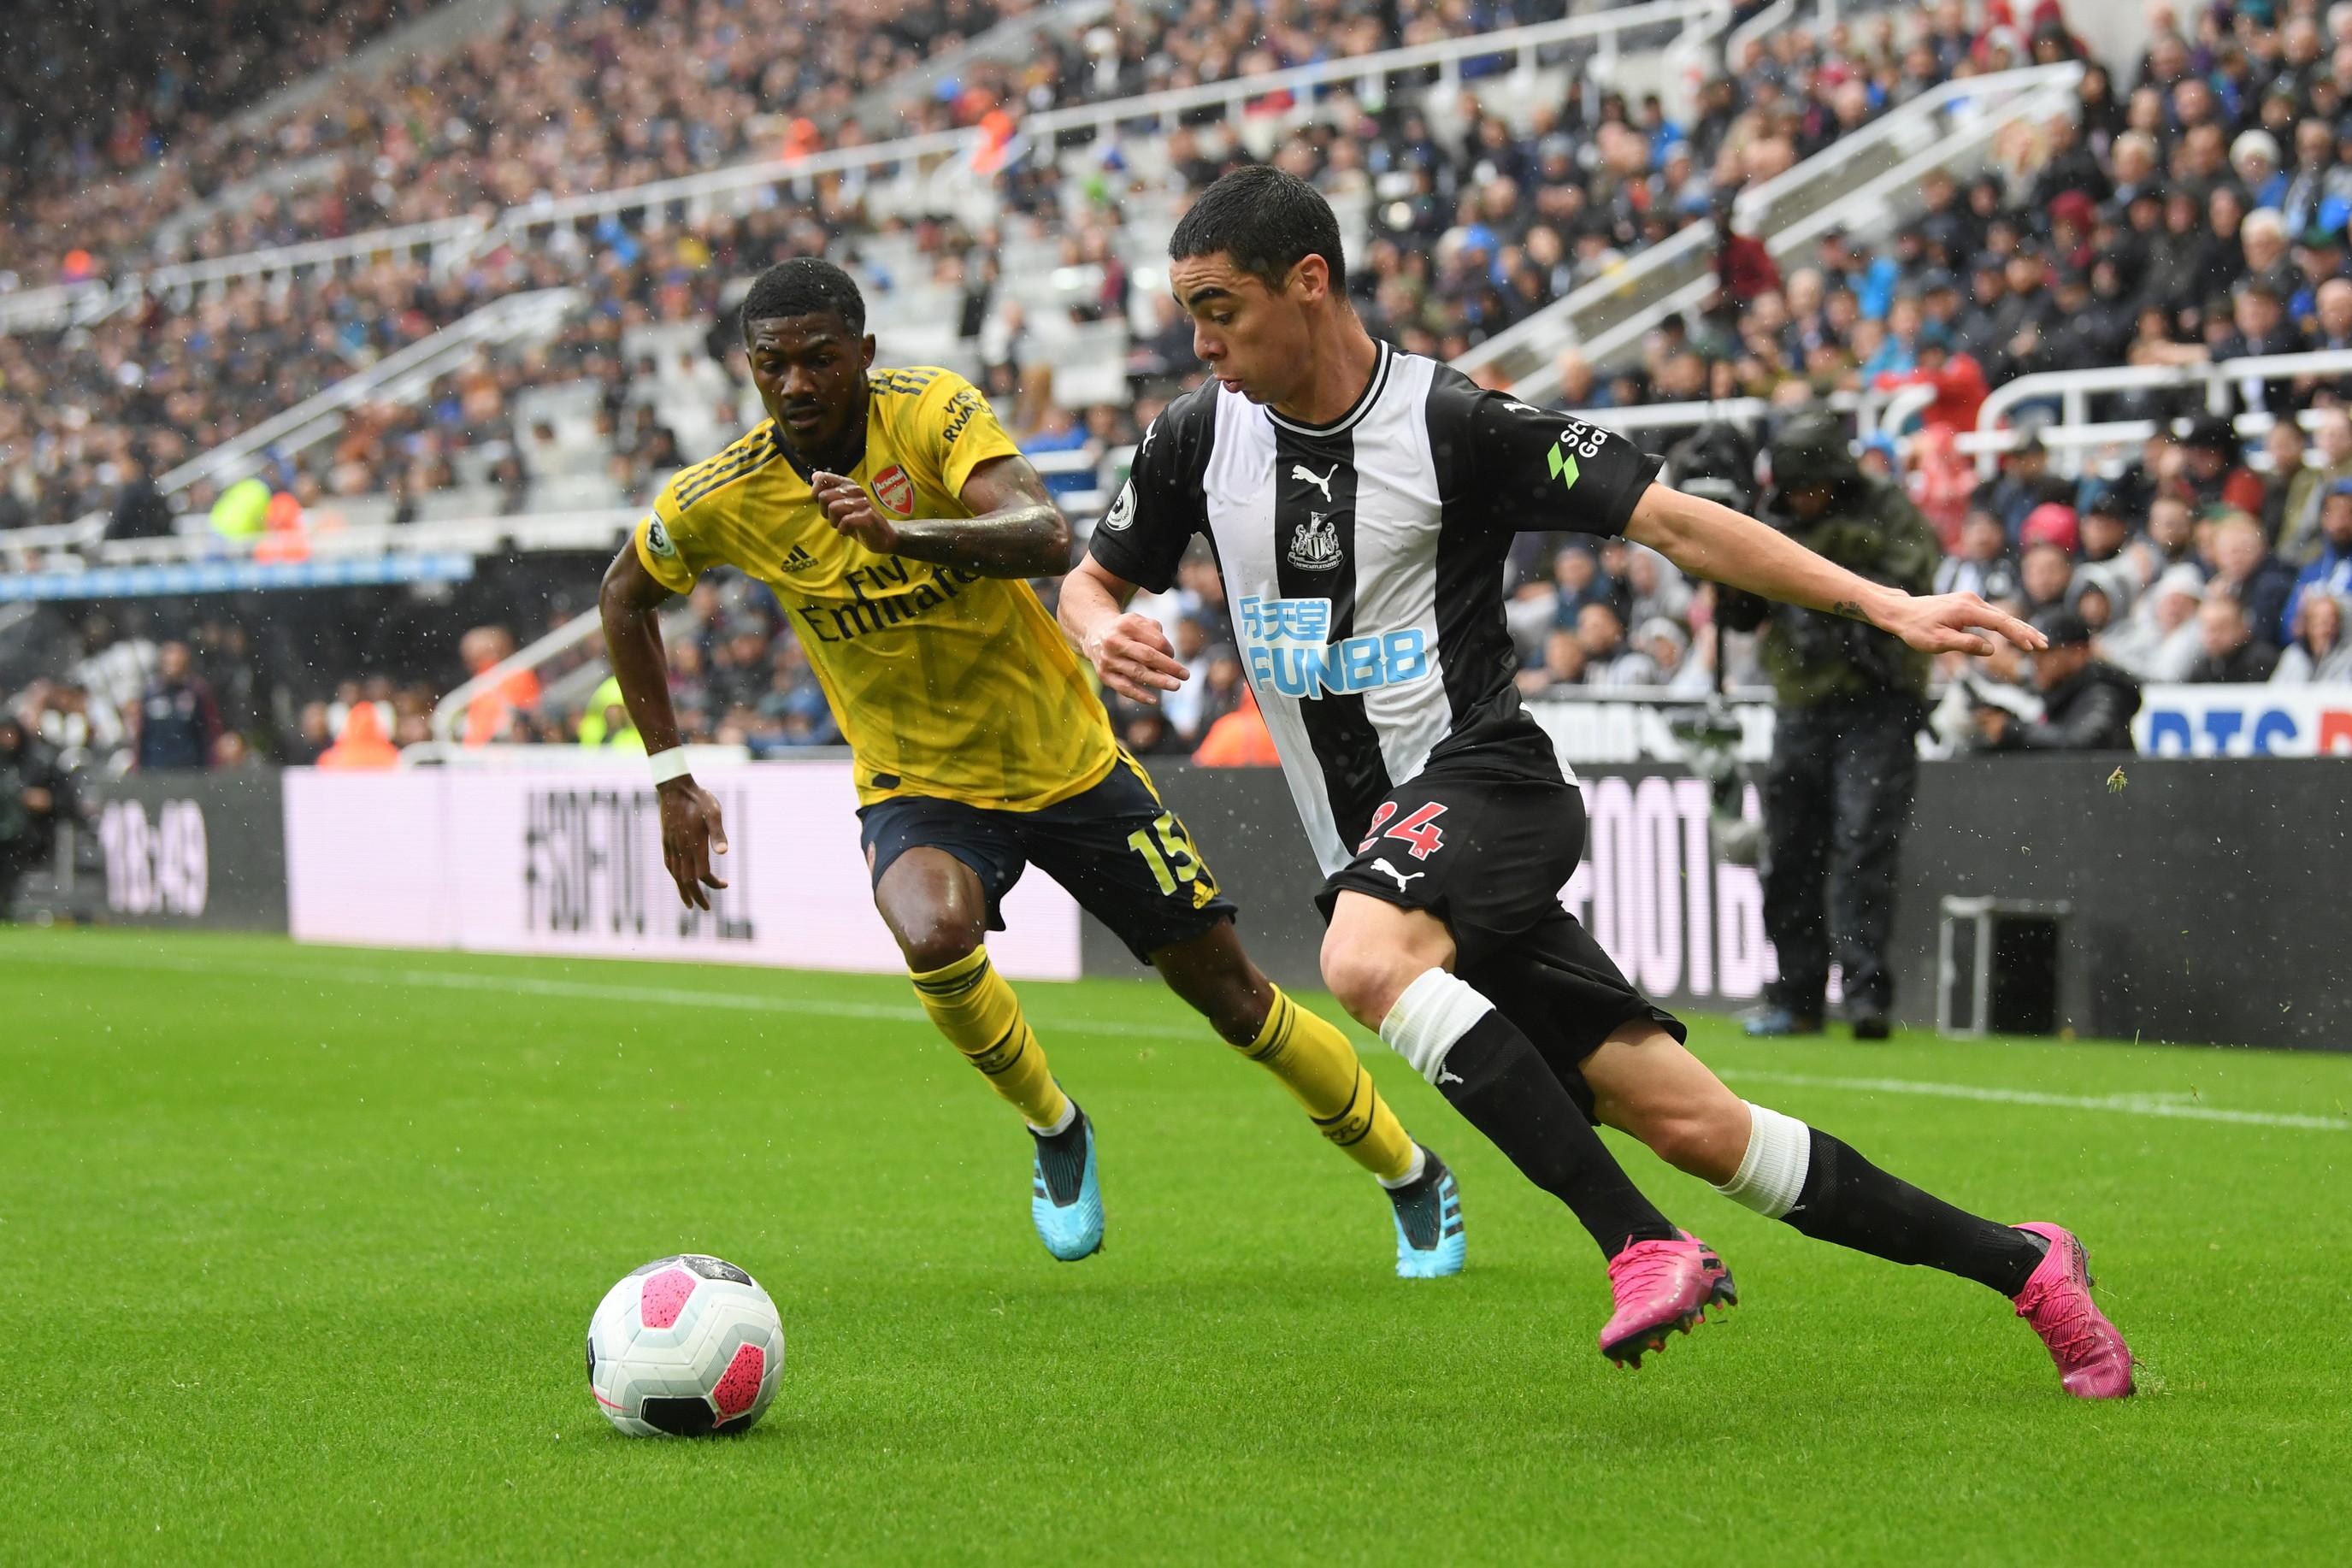 L'Arsenal non brilla ma vince nella prima giornata di Premier. I Gunners di Tuchel si impongono 1-0 sul campo del Newcastle grazie al gol di Aubam...